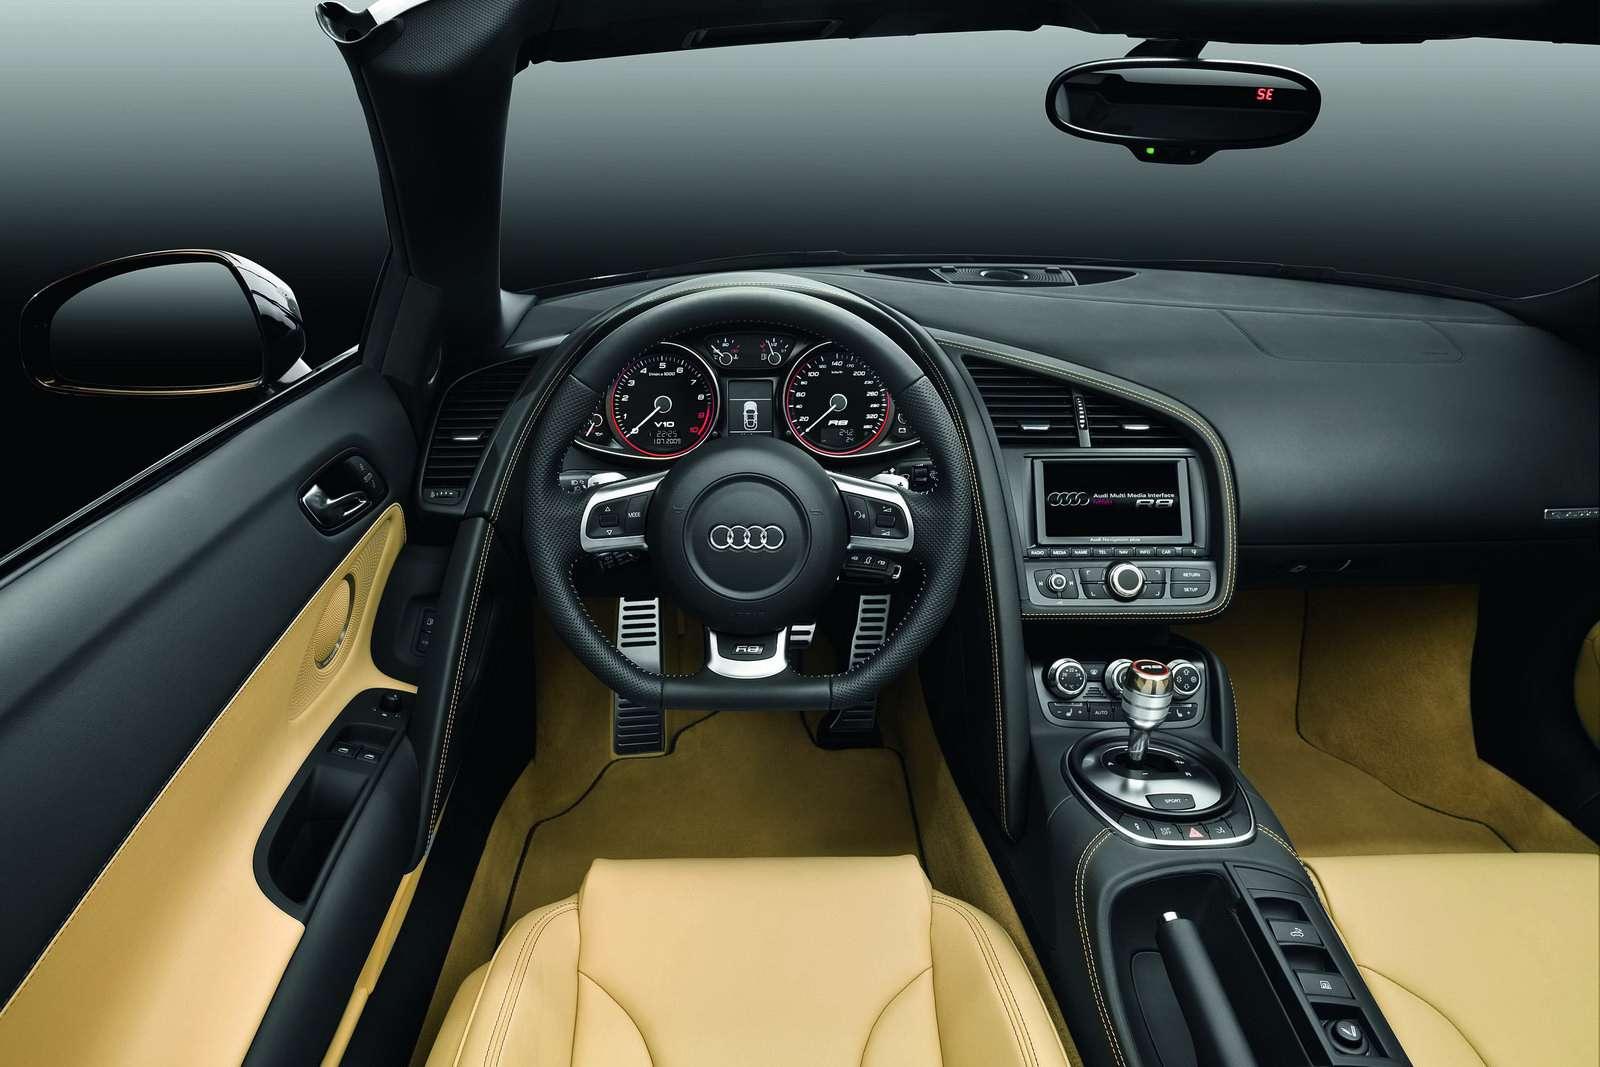 Audi R8 Spyder 5.2 V10 FSI 2010